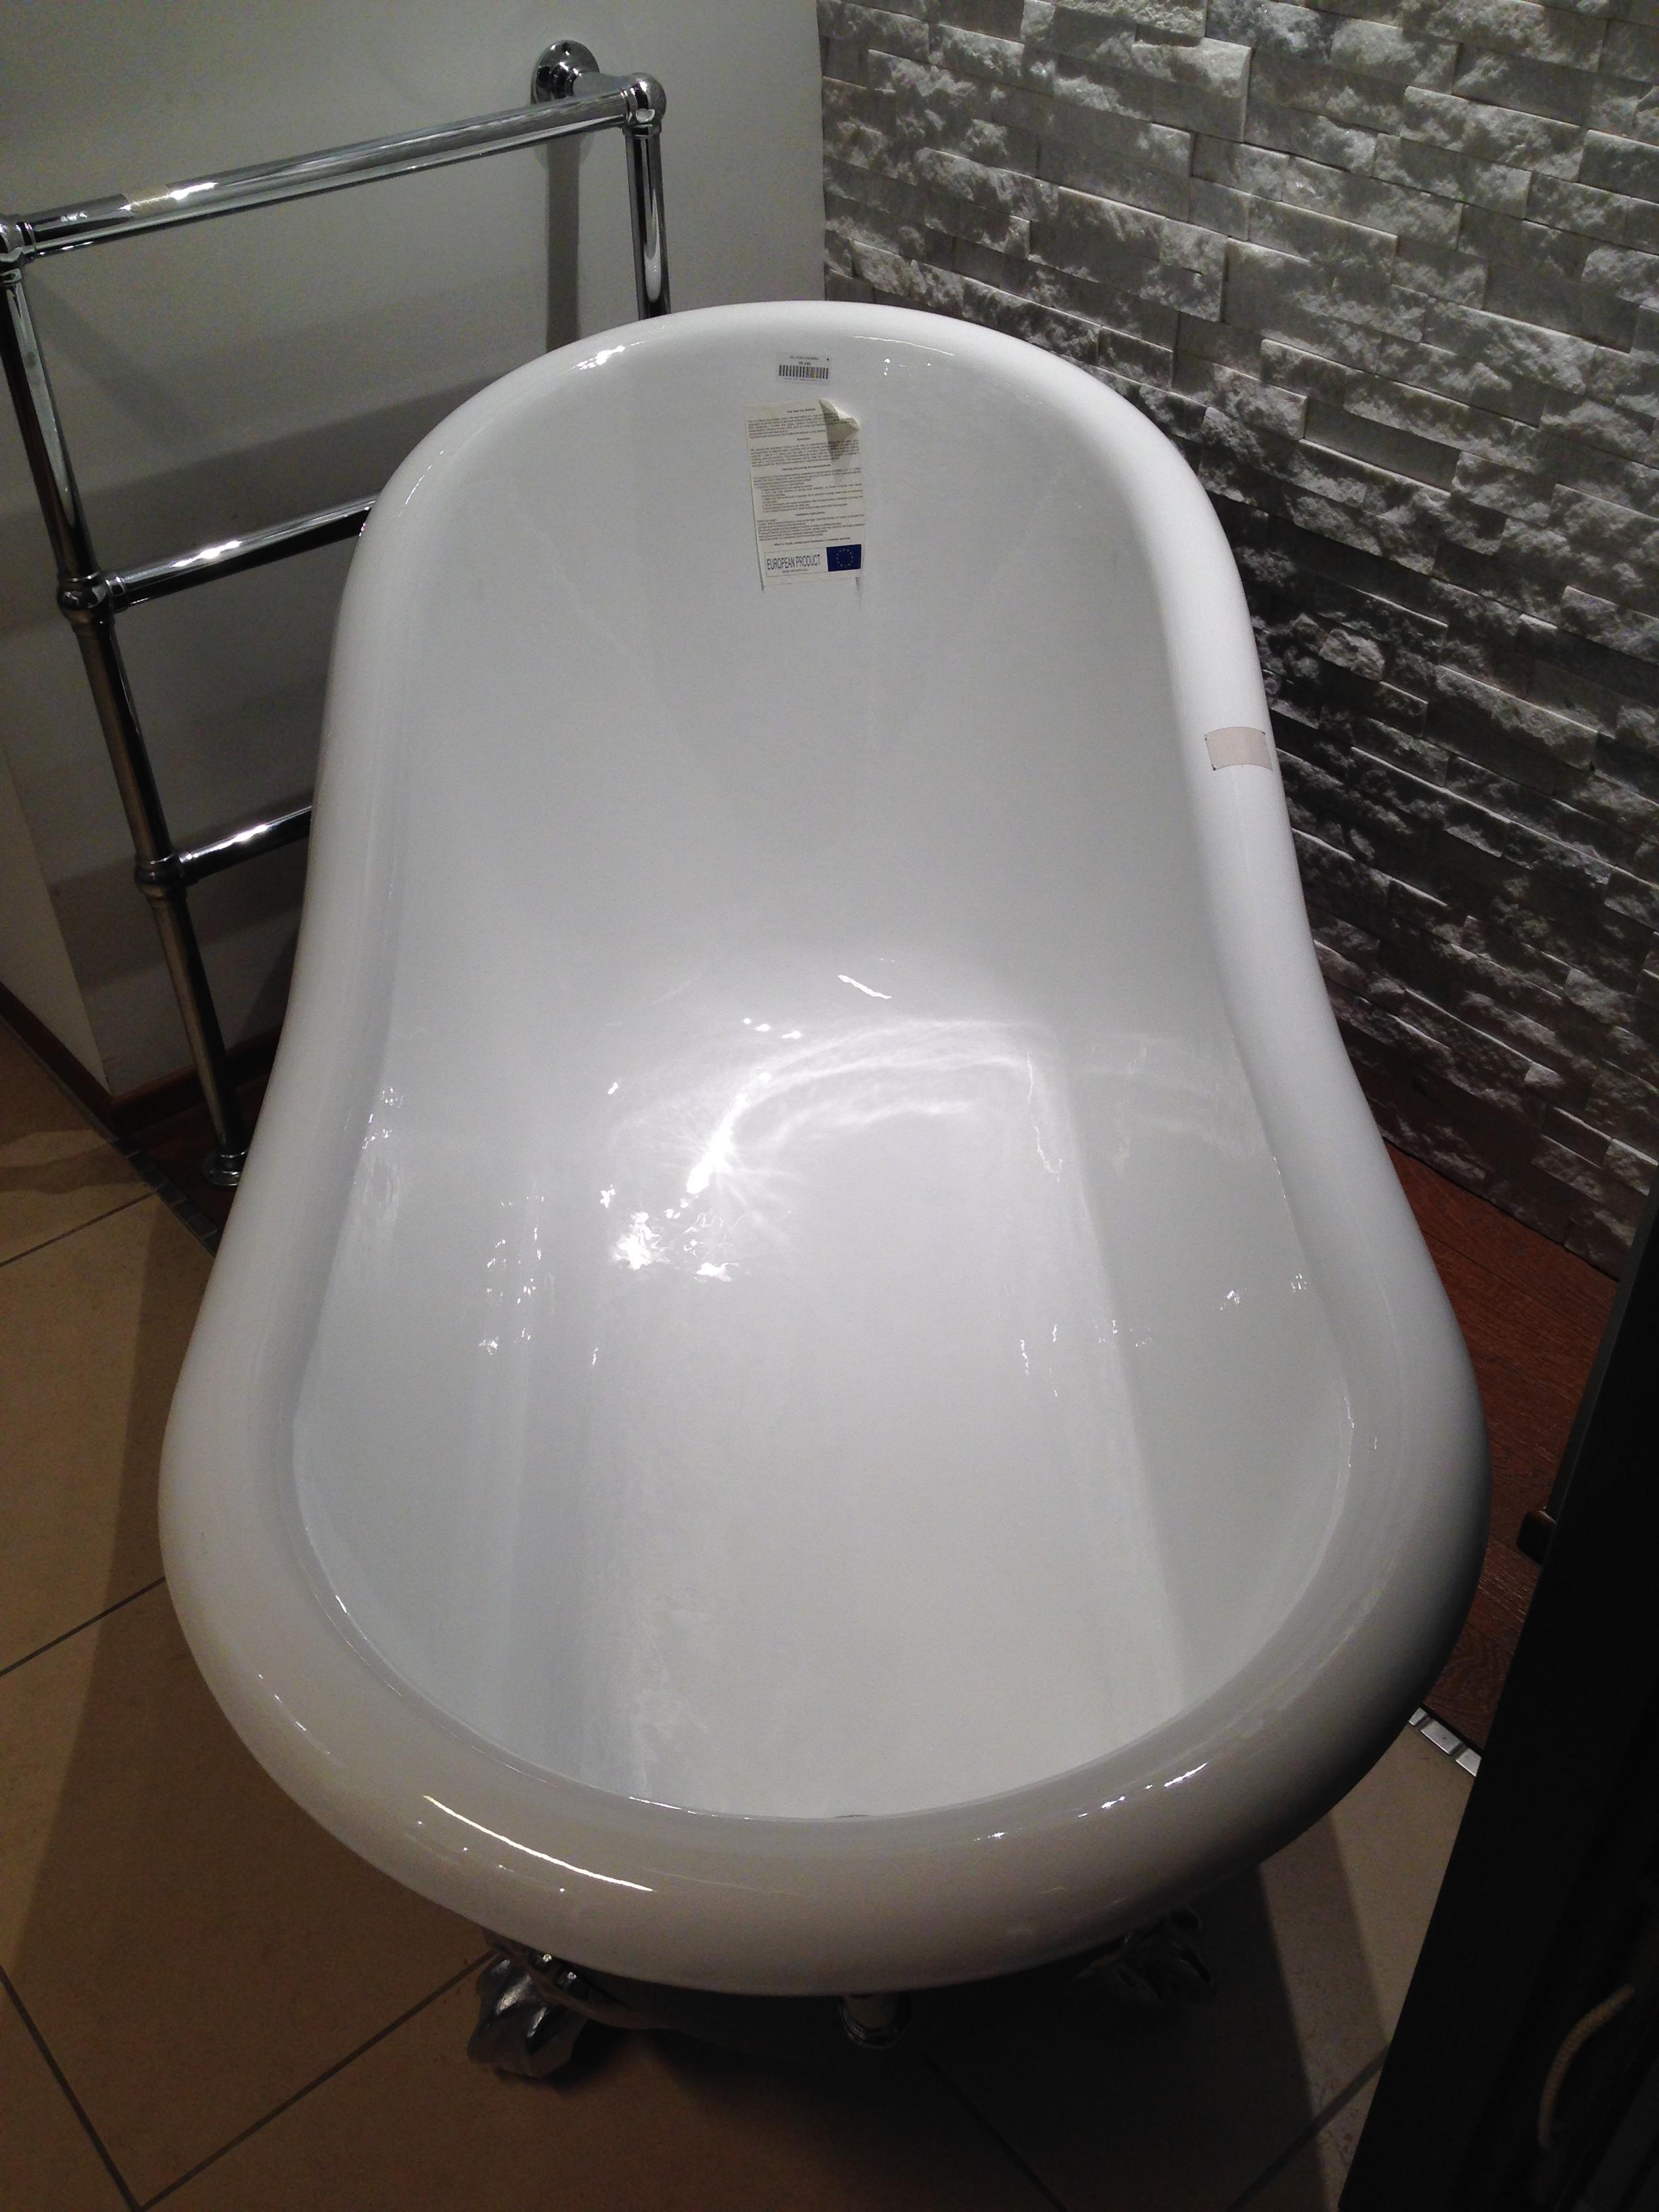 Arredo bagno prezzi scontati interesting bagno arredo - Gaia arredo bagno ...